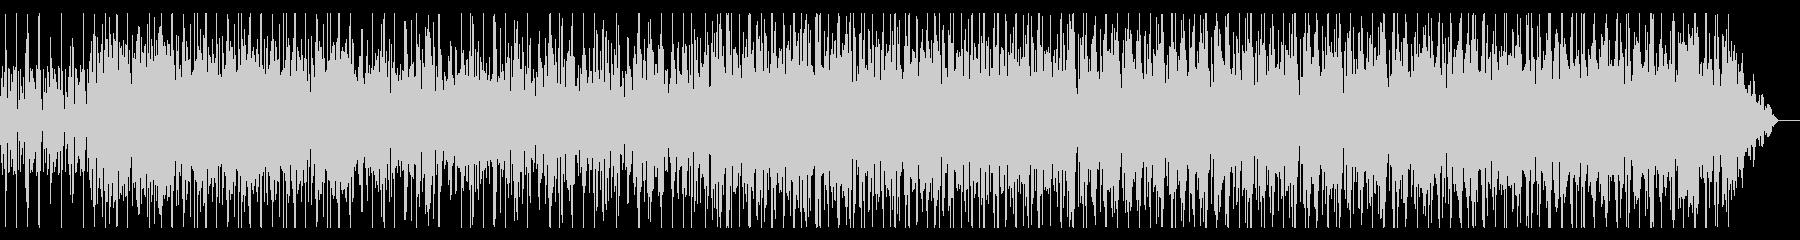 ディープで単調なシネマアンビエントの未再生の波形